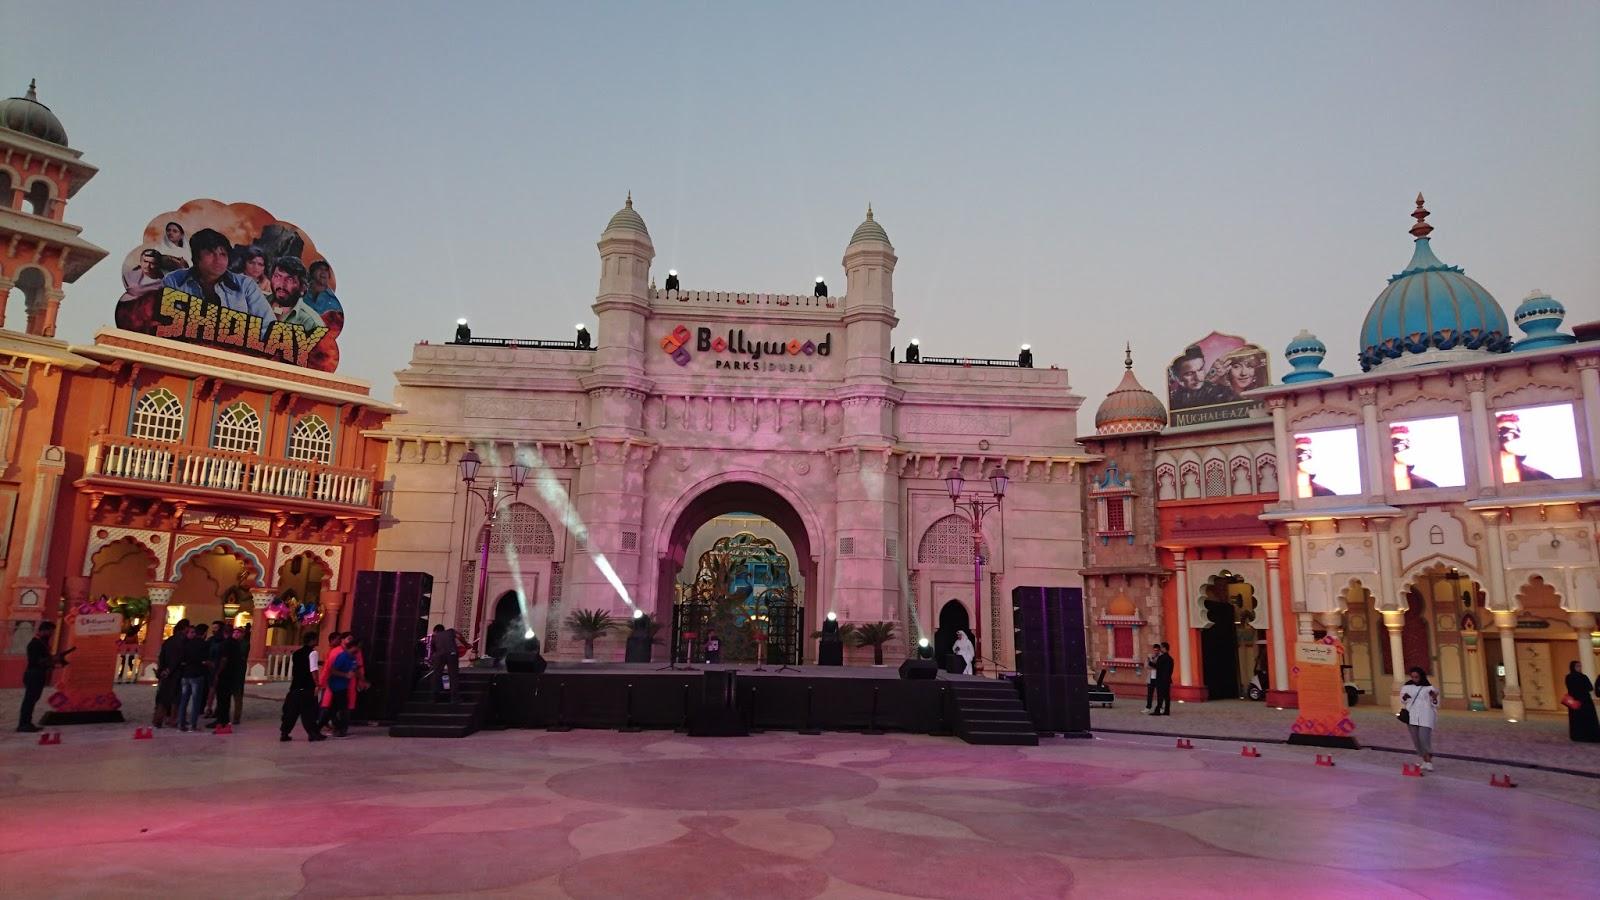 بالصور اماكن سياحية في دبي للعائلات , صور سياحية فى دبى للعلائلات 5584 8